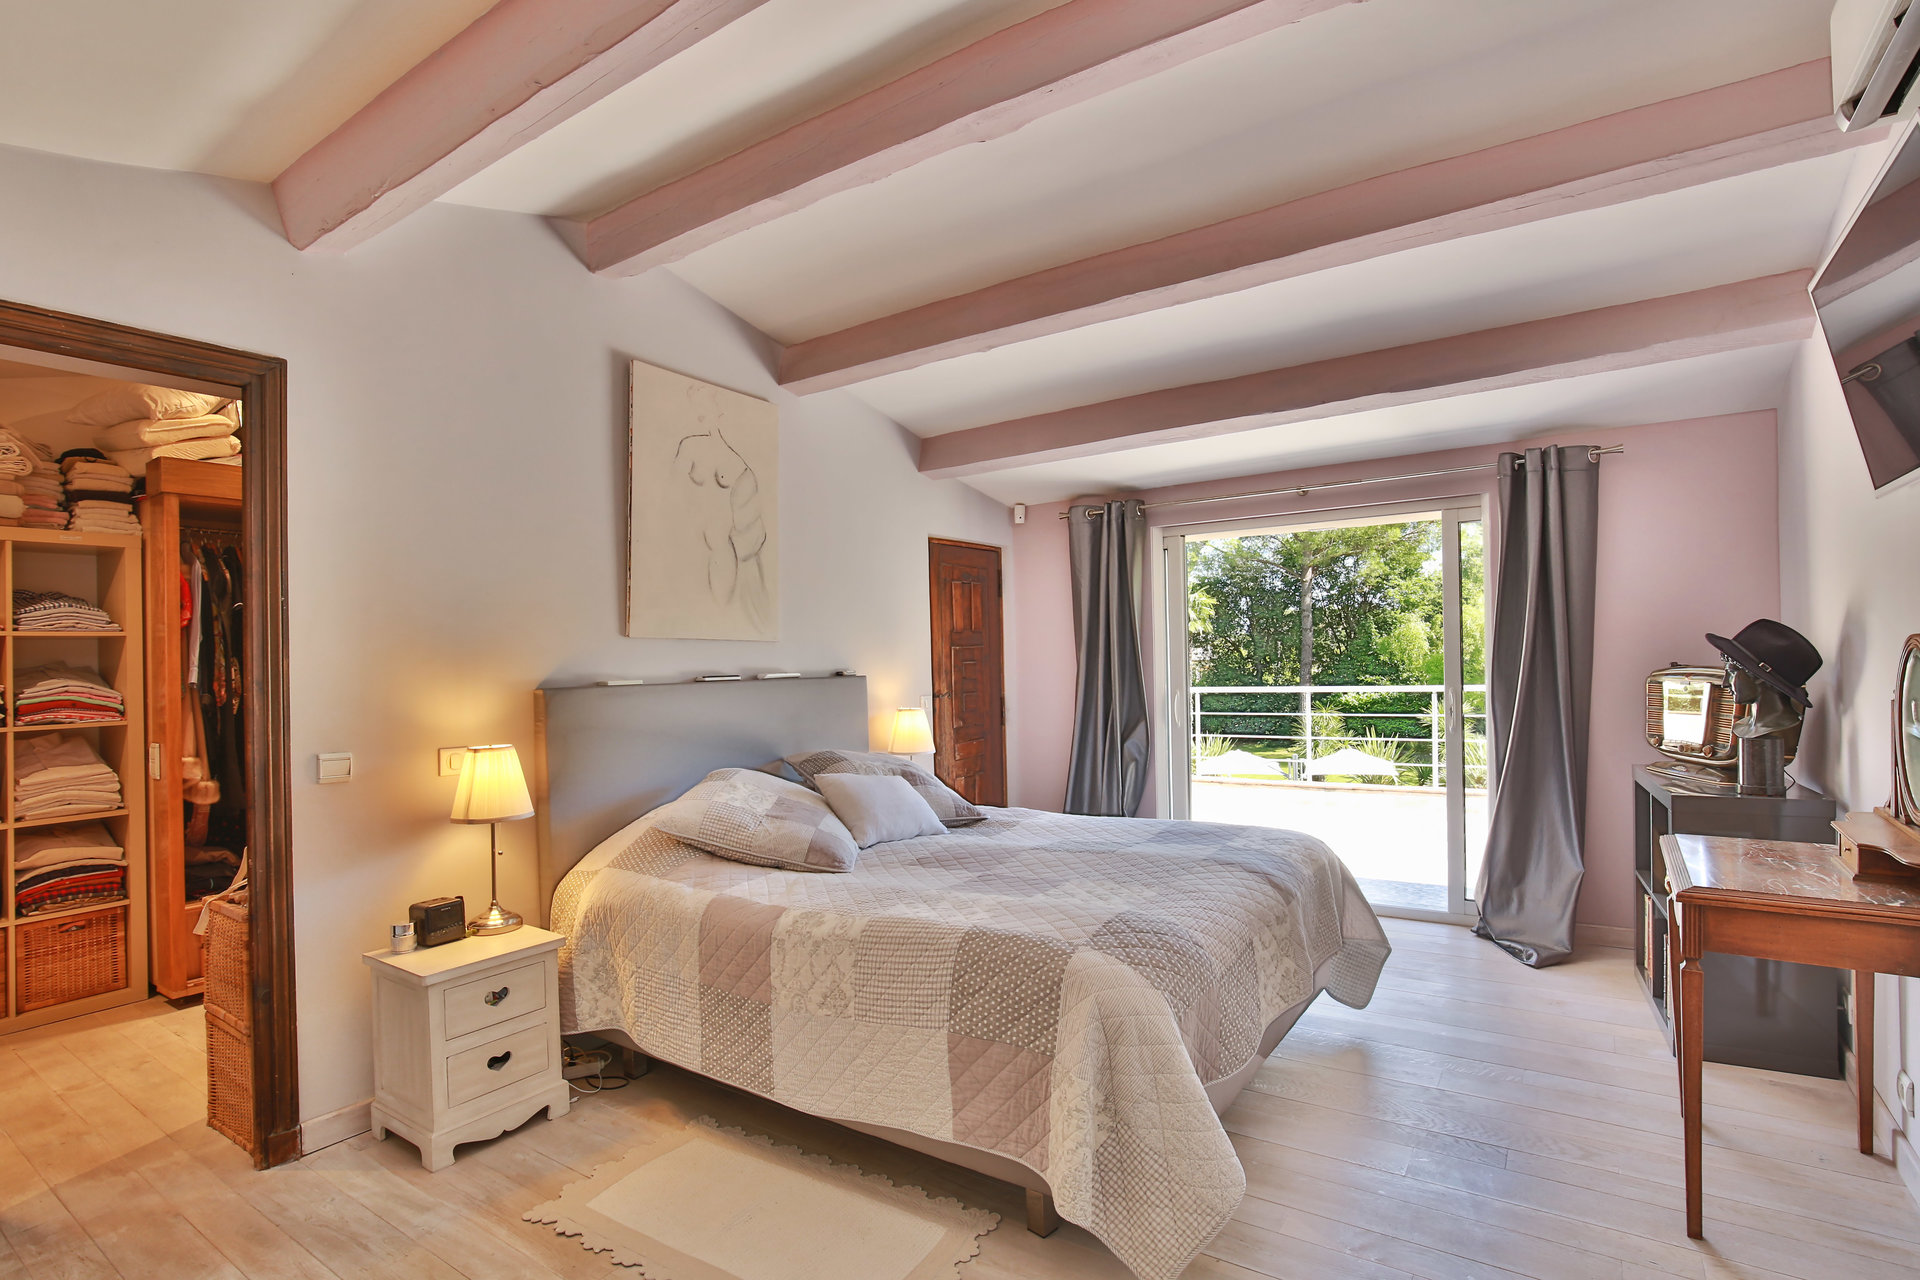 Spacieuse villa avec maison d'amis à pied du village de Valbonne